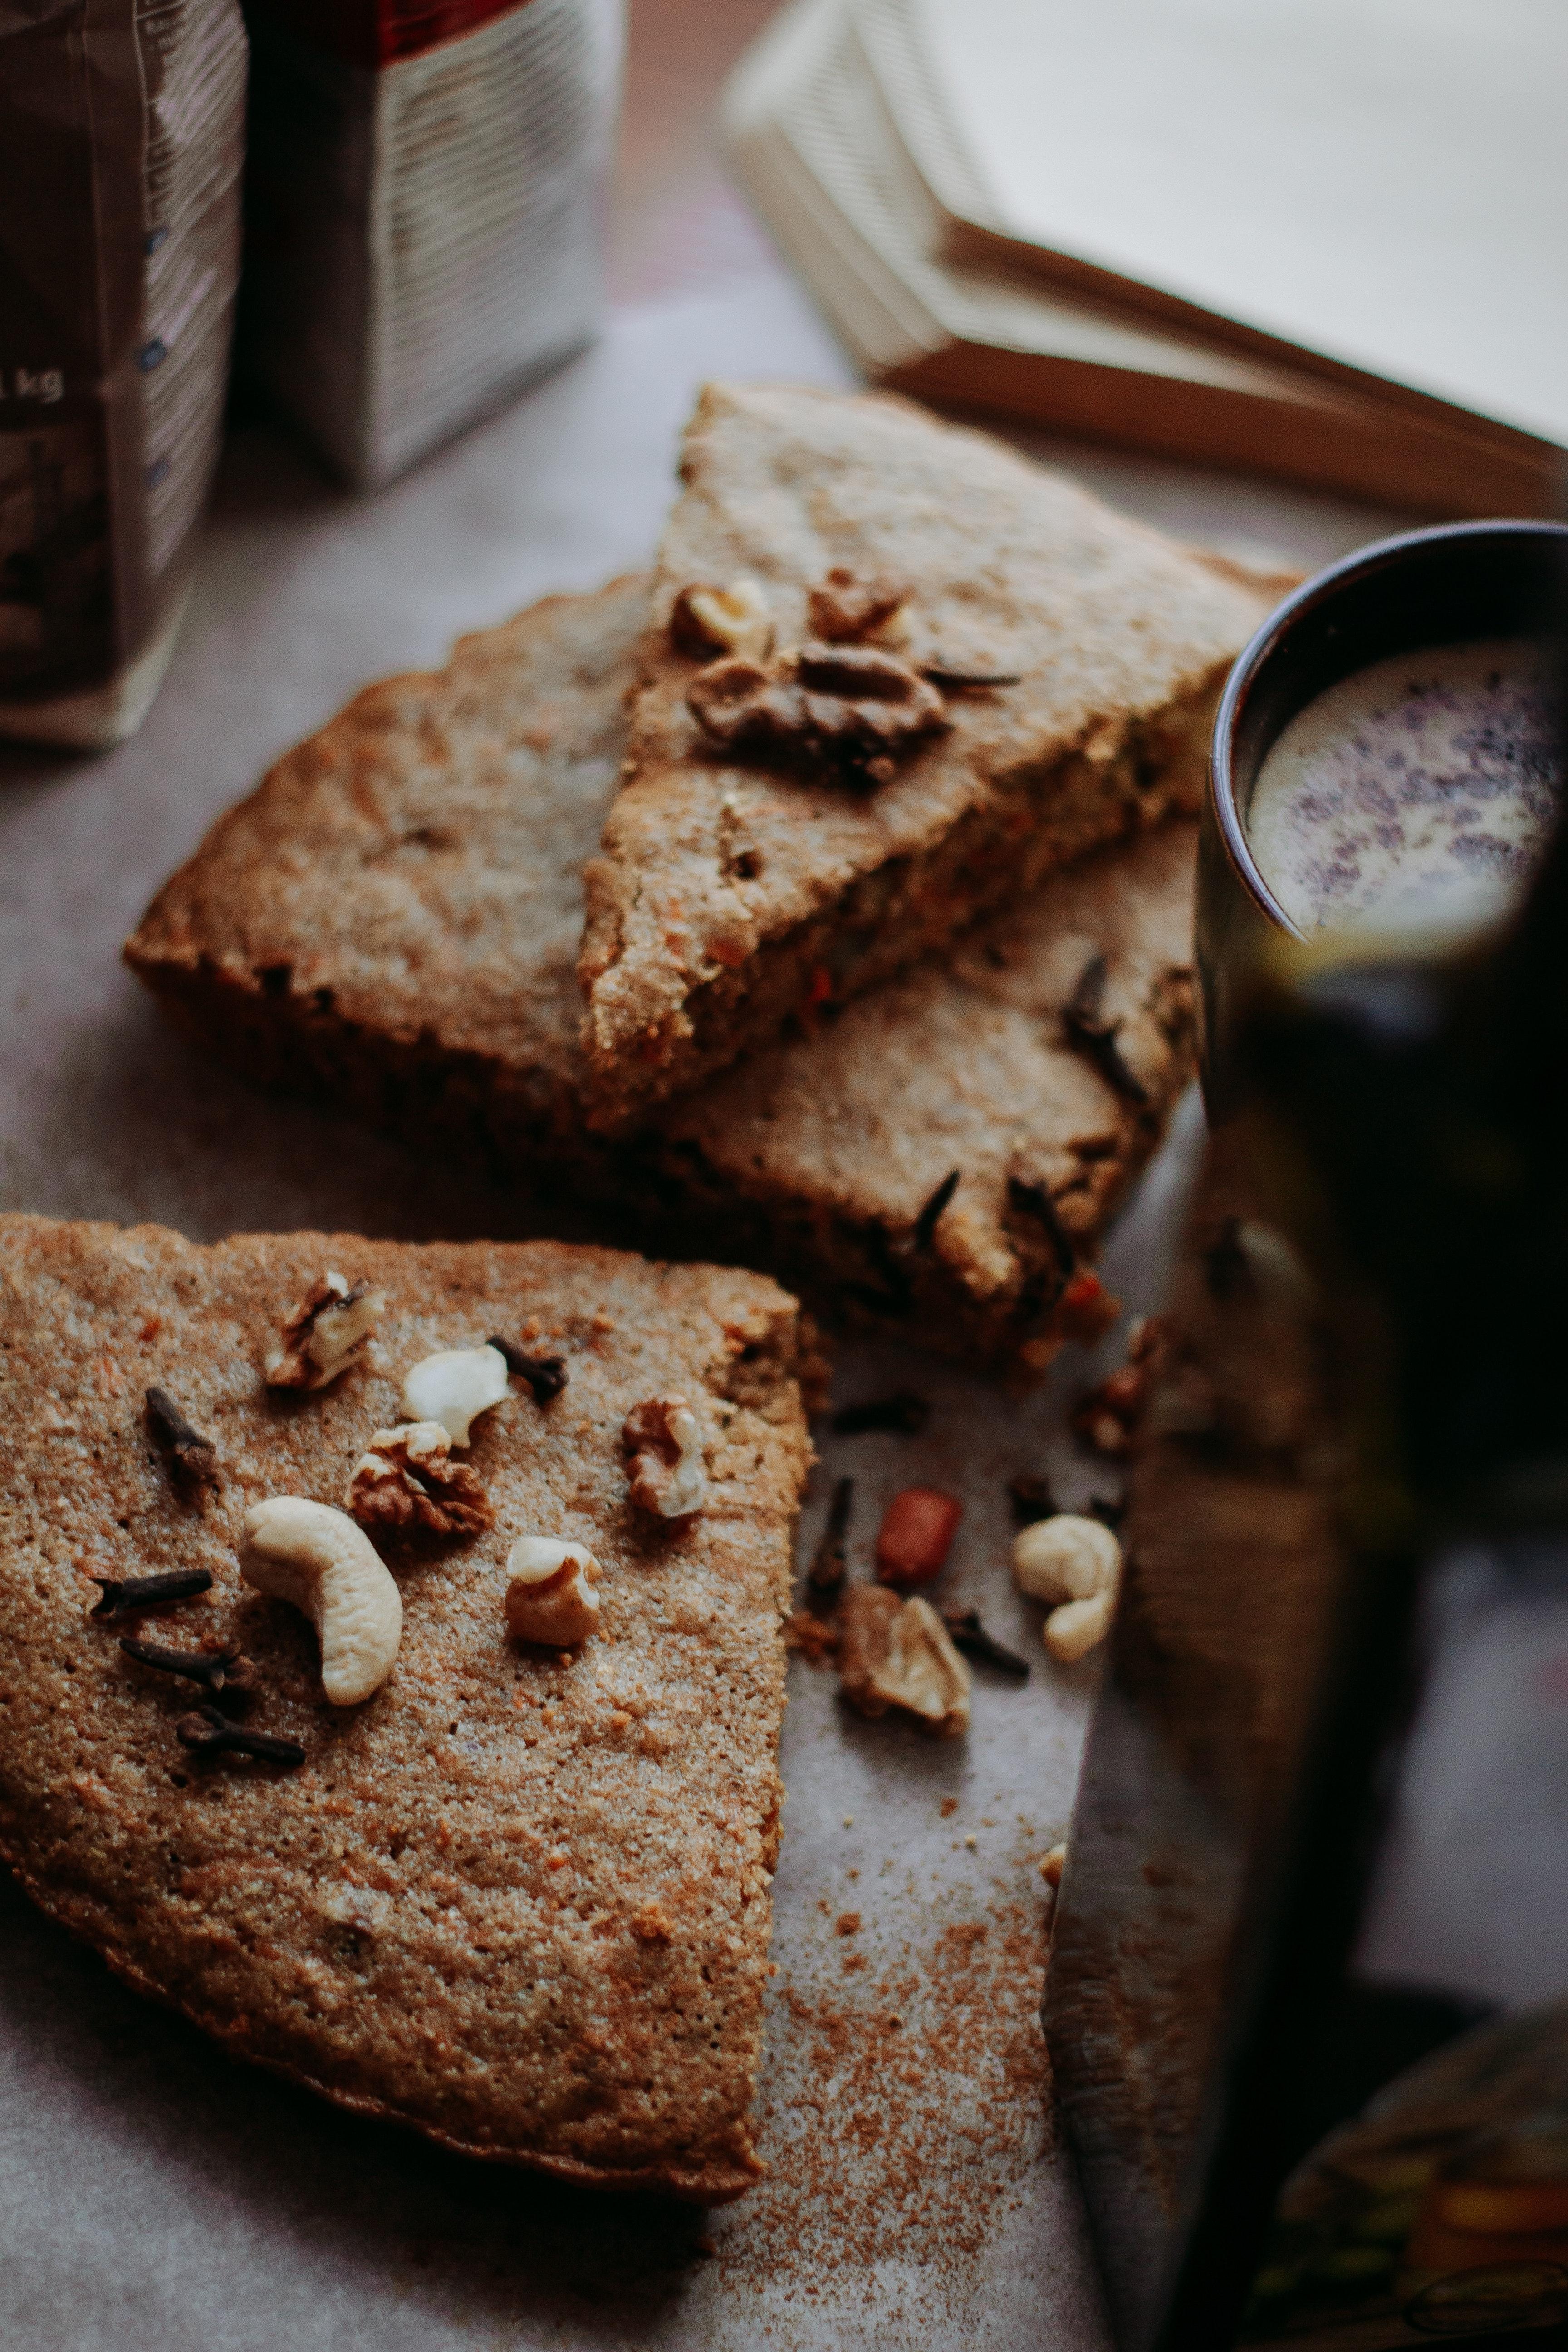 Photo of baked сookies